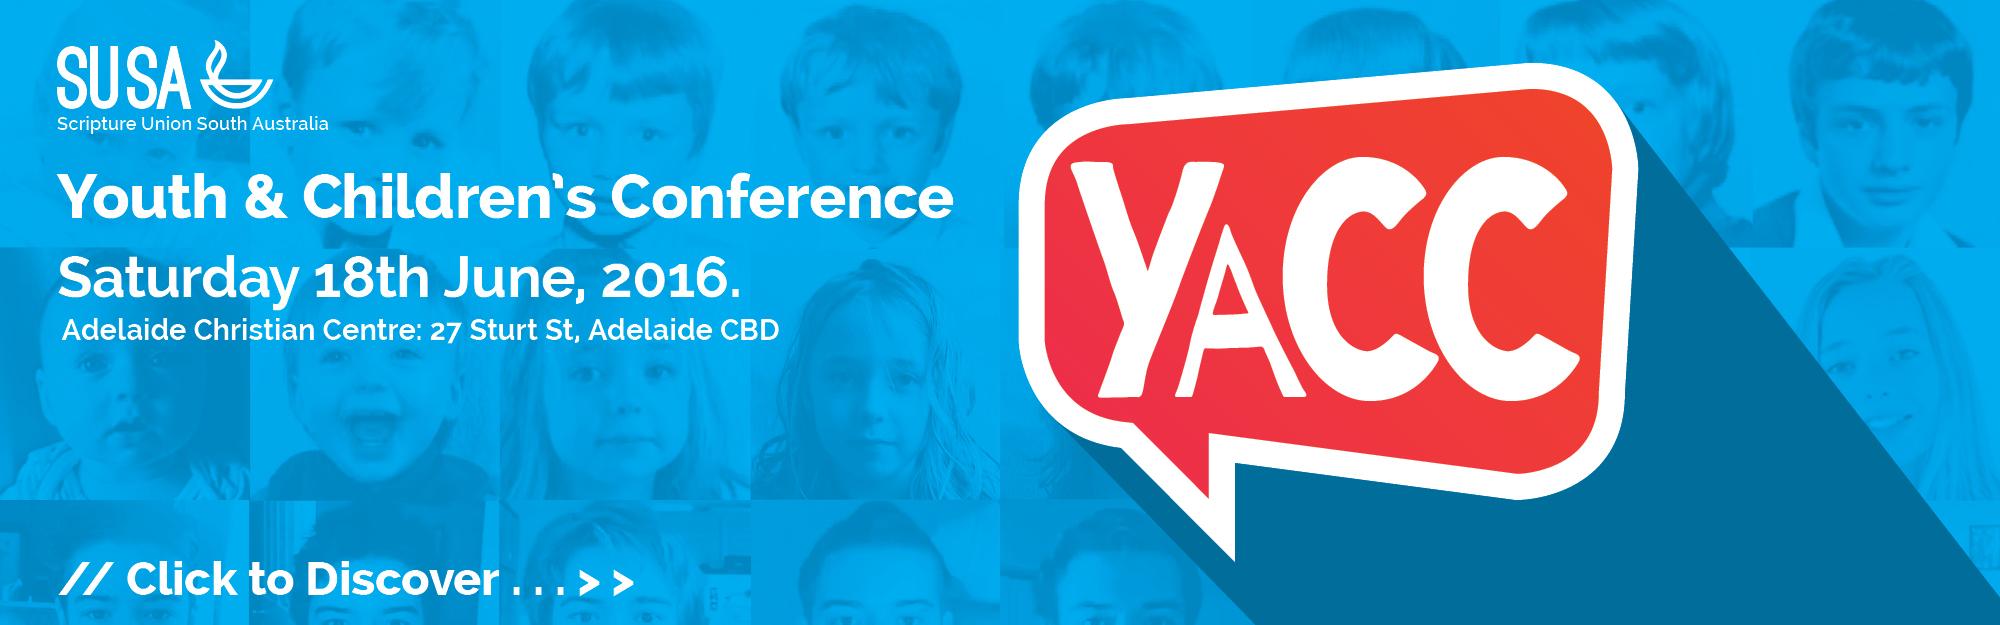 2016_YaCC_Web Banner